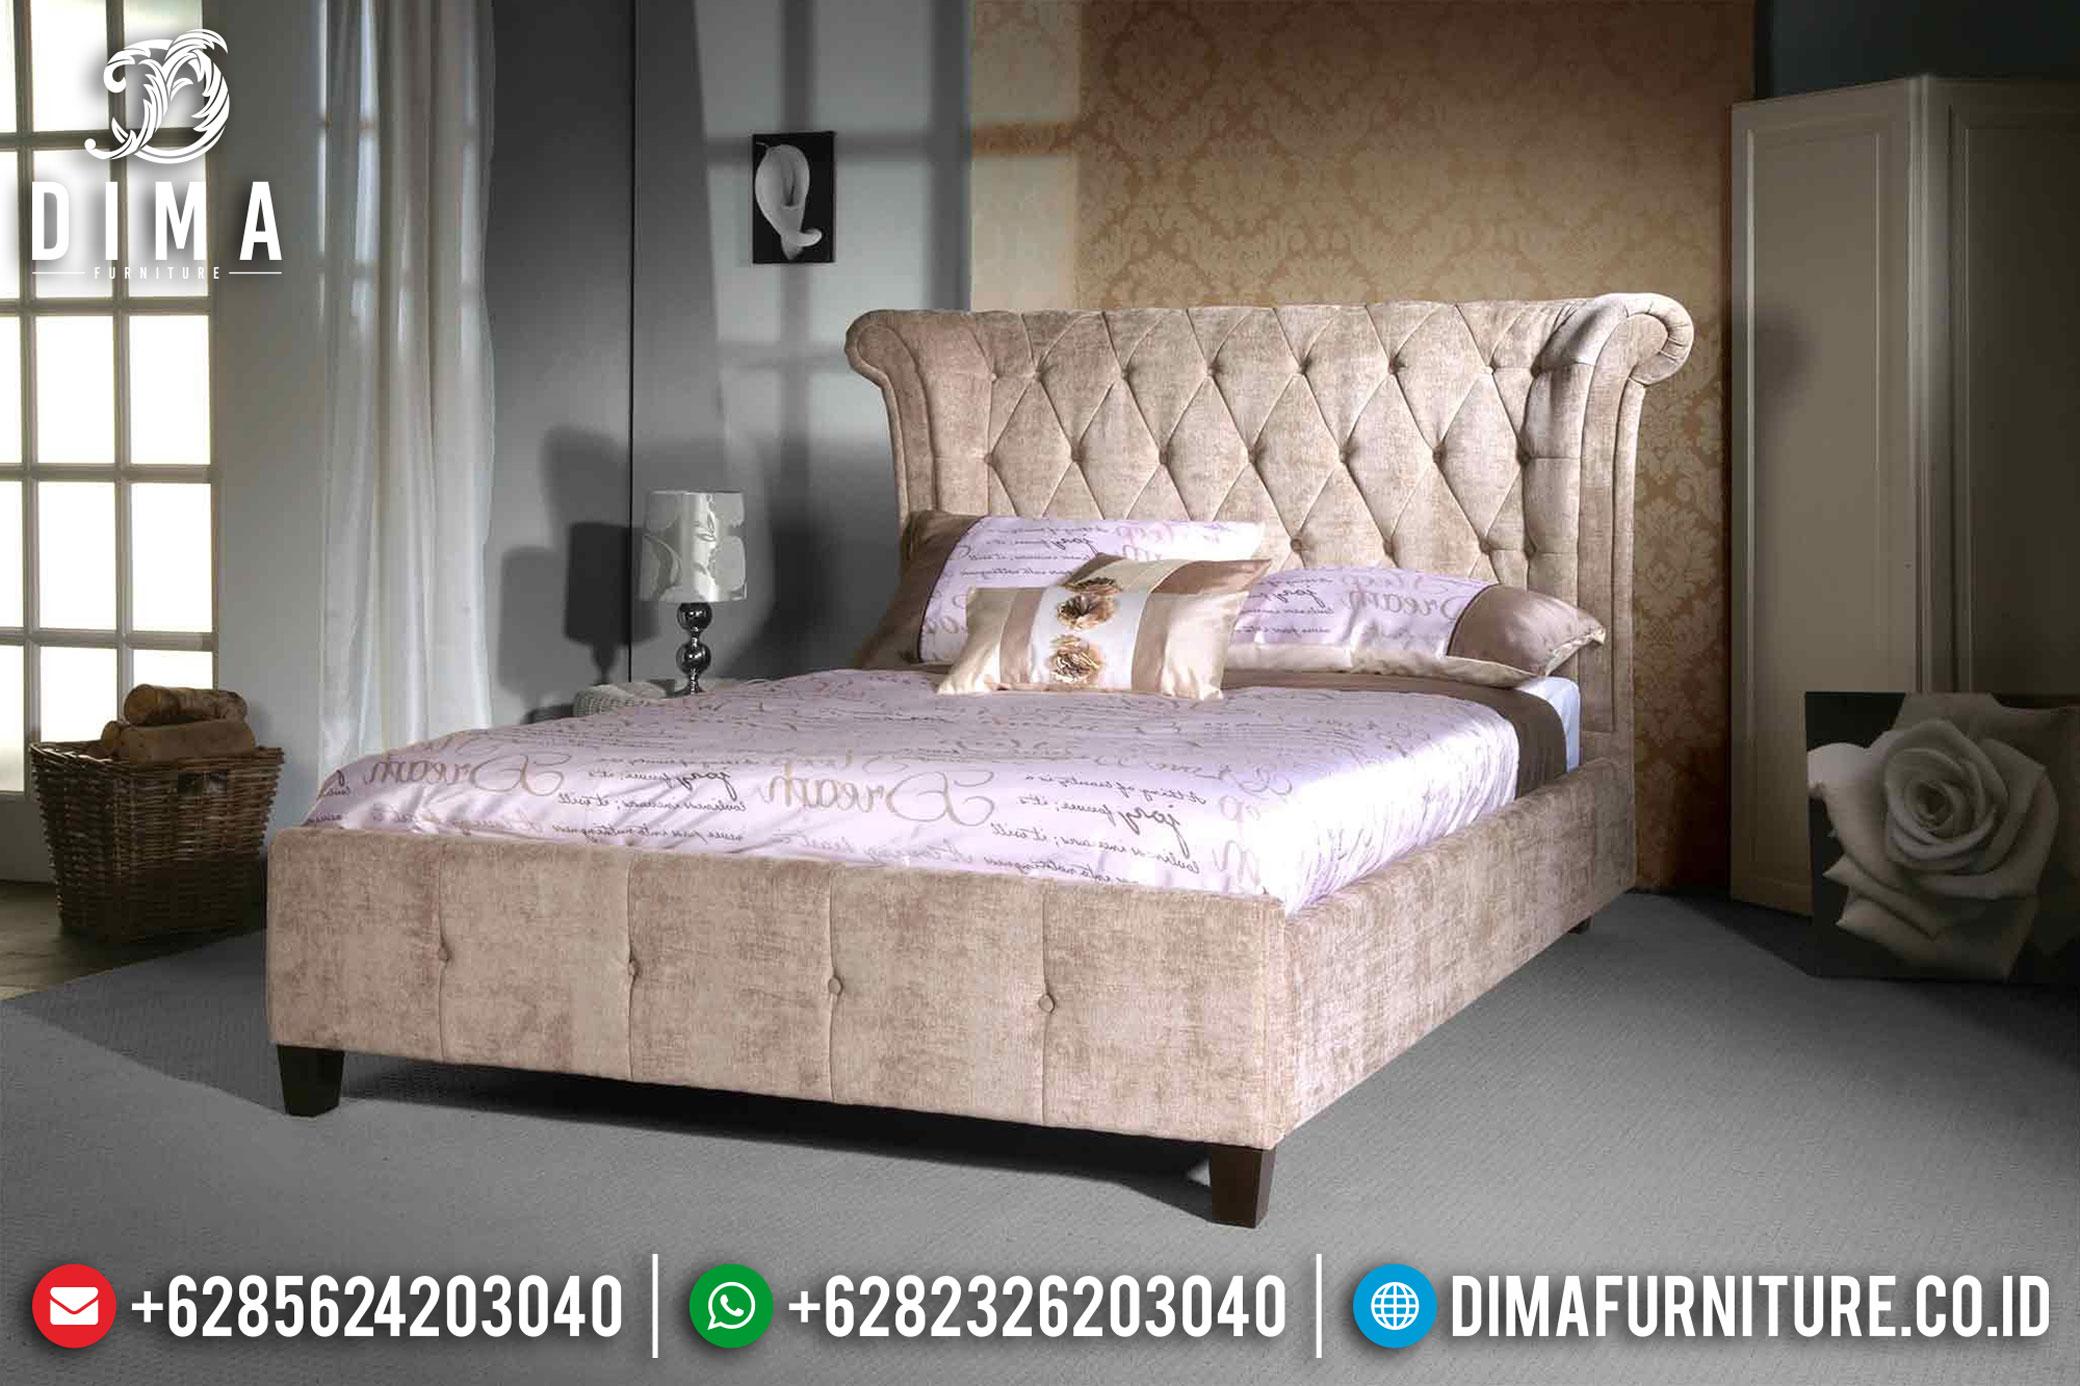 Tempat Tidur Kamar Set Minimalis Jepara Terbaru Mewah Full Cover DF-0365